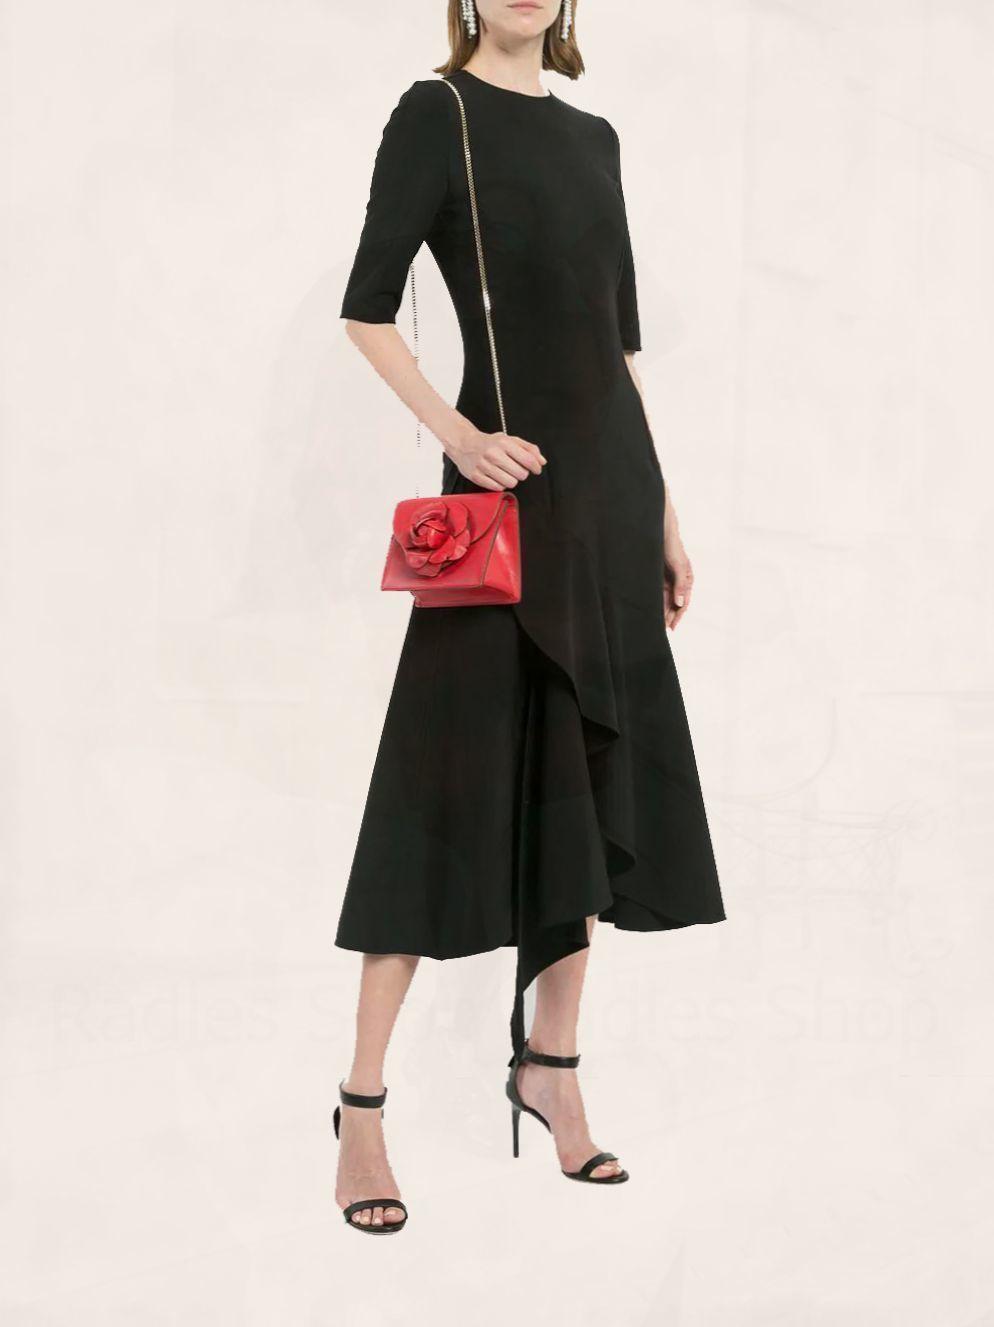 Платья ручной работы. Ярмарка Мастеров - ручная работа. Купить Нарядное платье. Отлично подойдет для работы и повседневной жизни. Handmade.